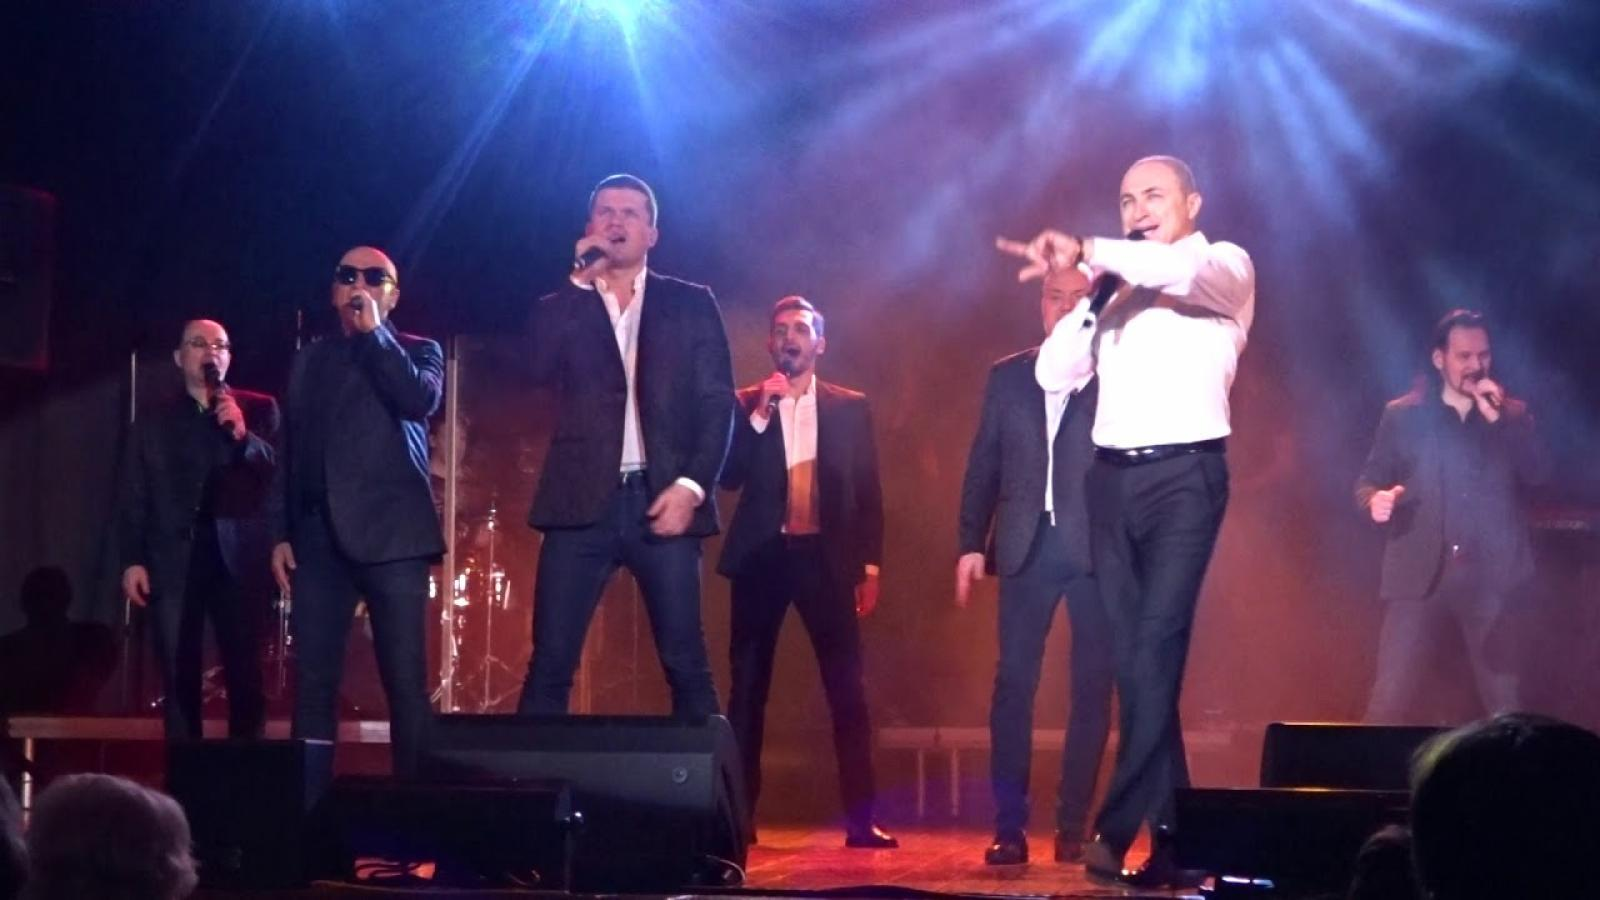 За выступление «Хора Турецкого» заплатят 11 млн. руб.